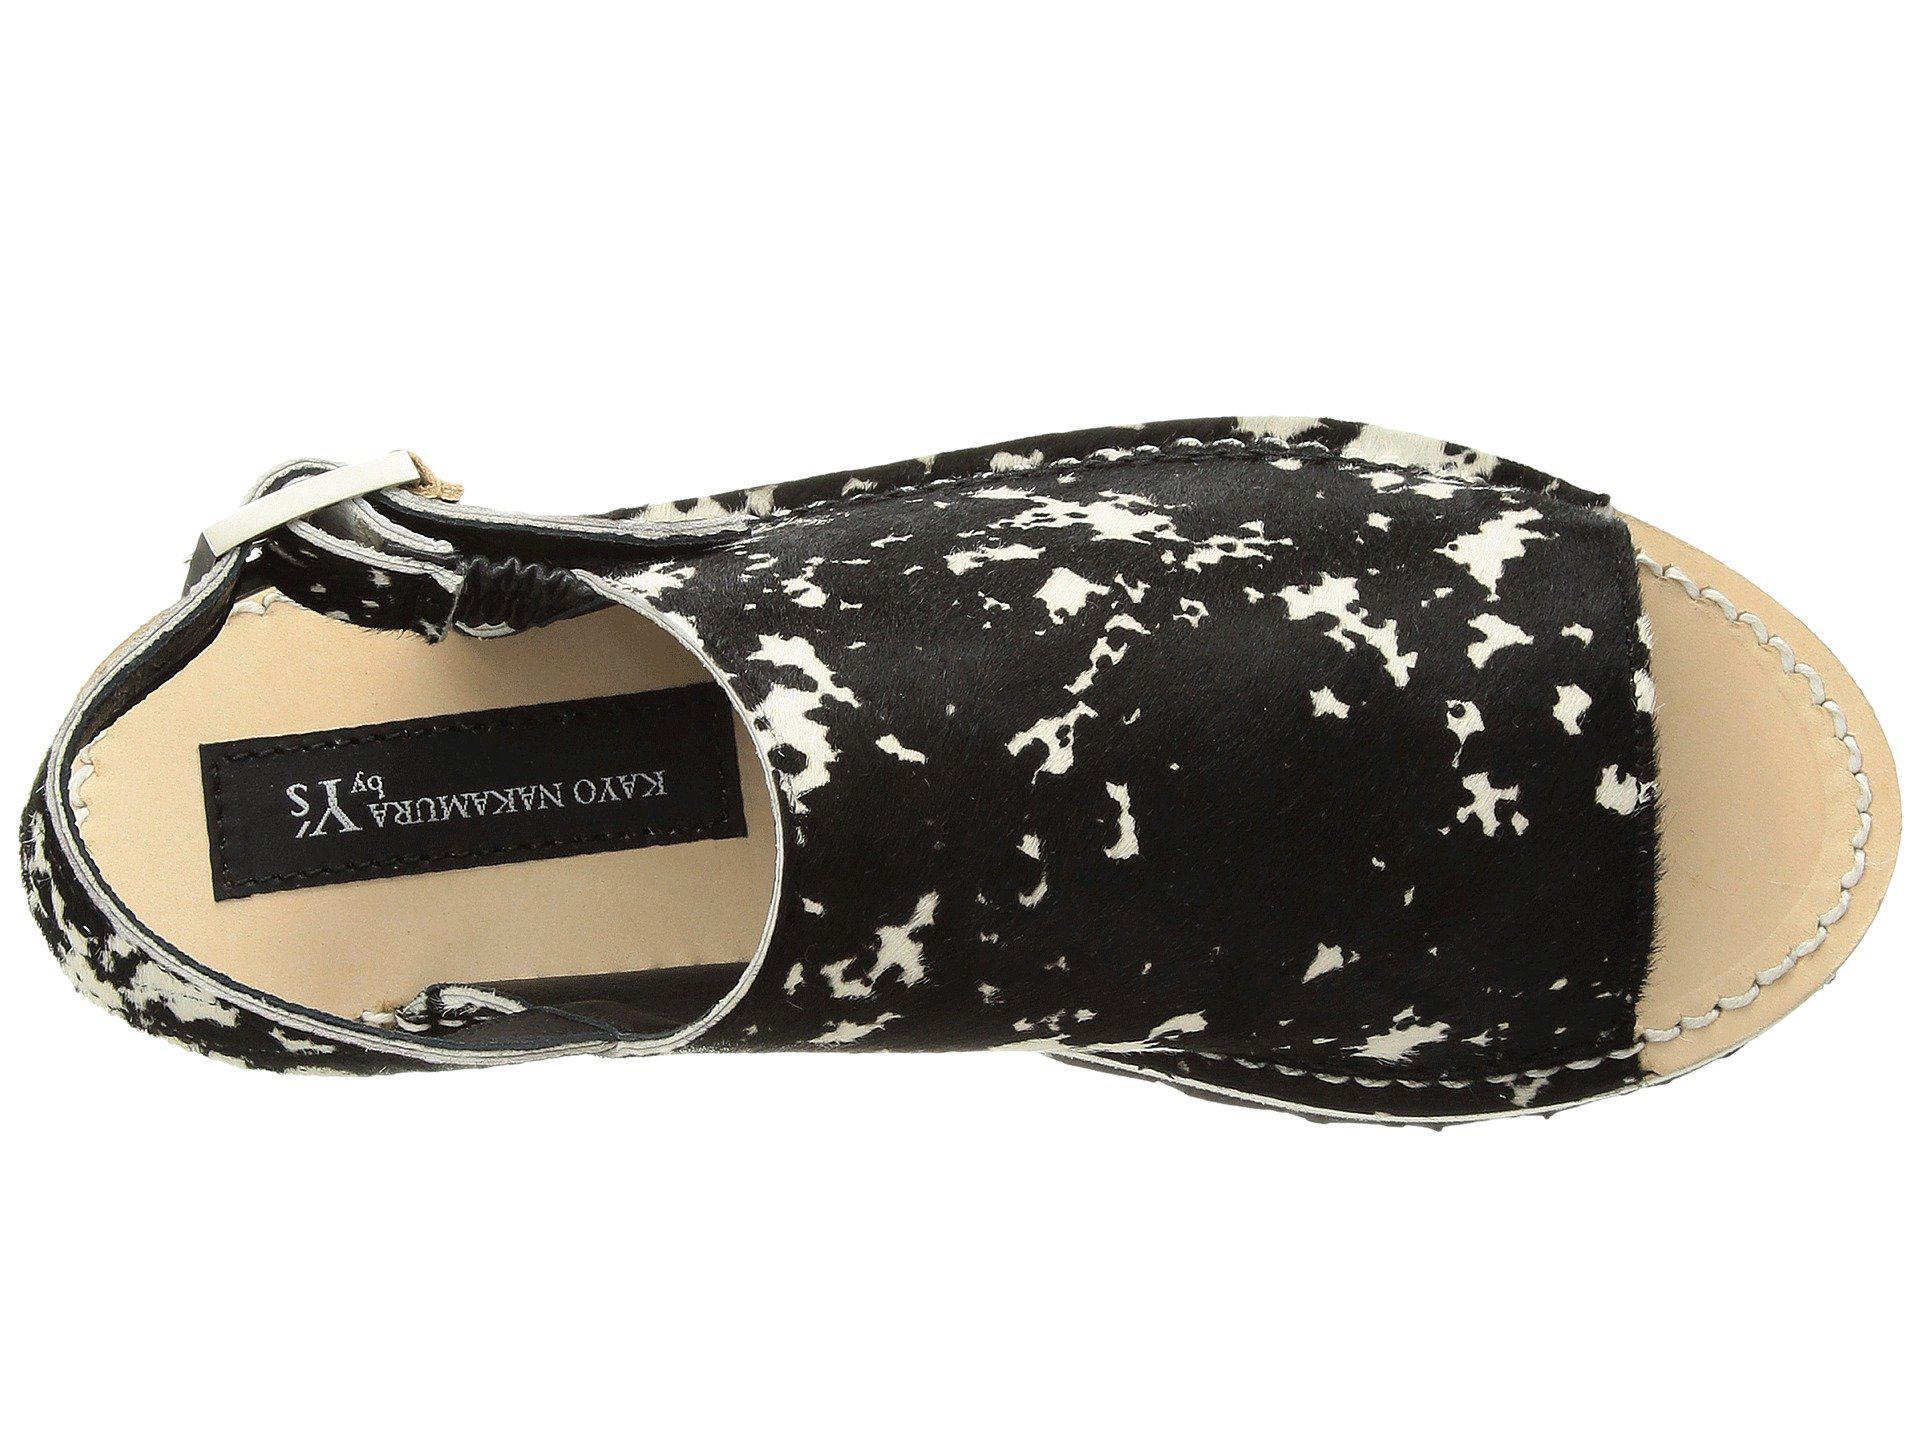 9da8c2889 Lyst - Y s Yohji Yamamoto Shark Sandal Multi in Black - Save 55%